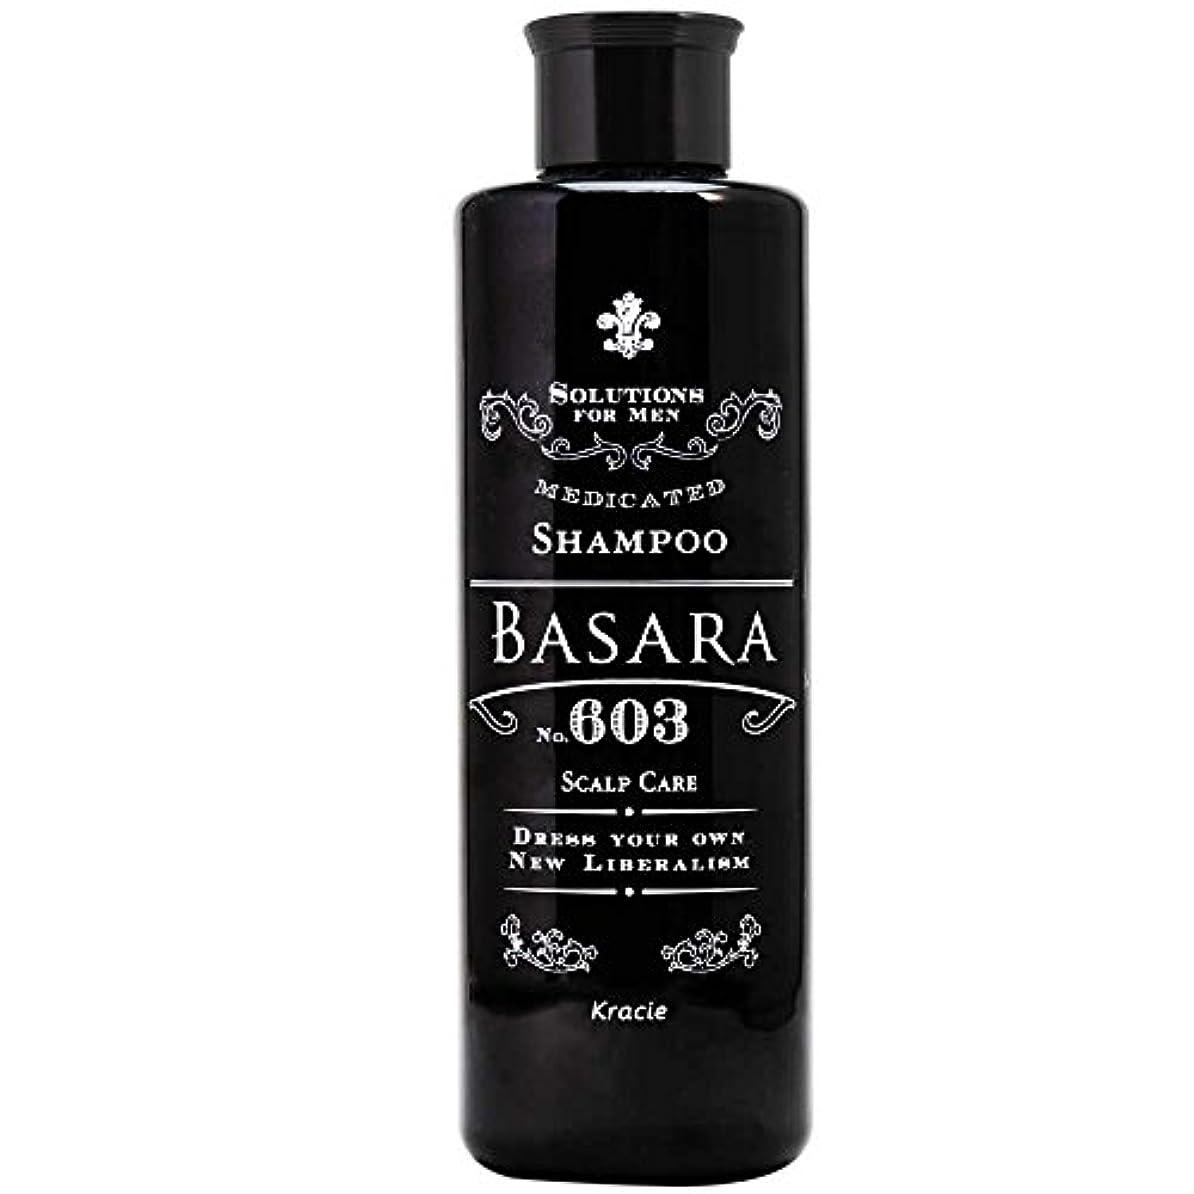 日焼けバーマド熟練したクラシエ バサラ 603 薬用スカルプシャンプー 250ml